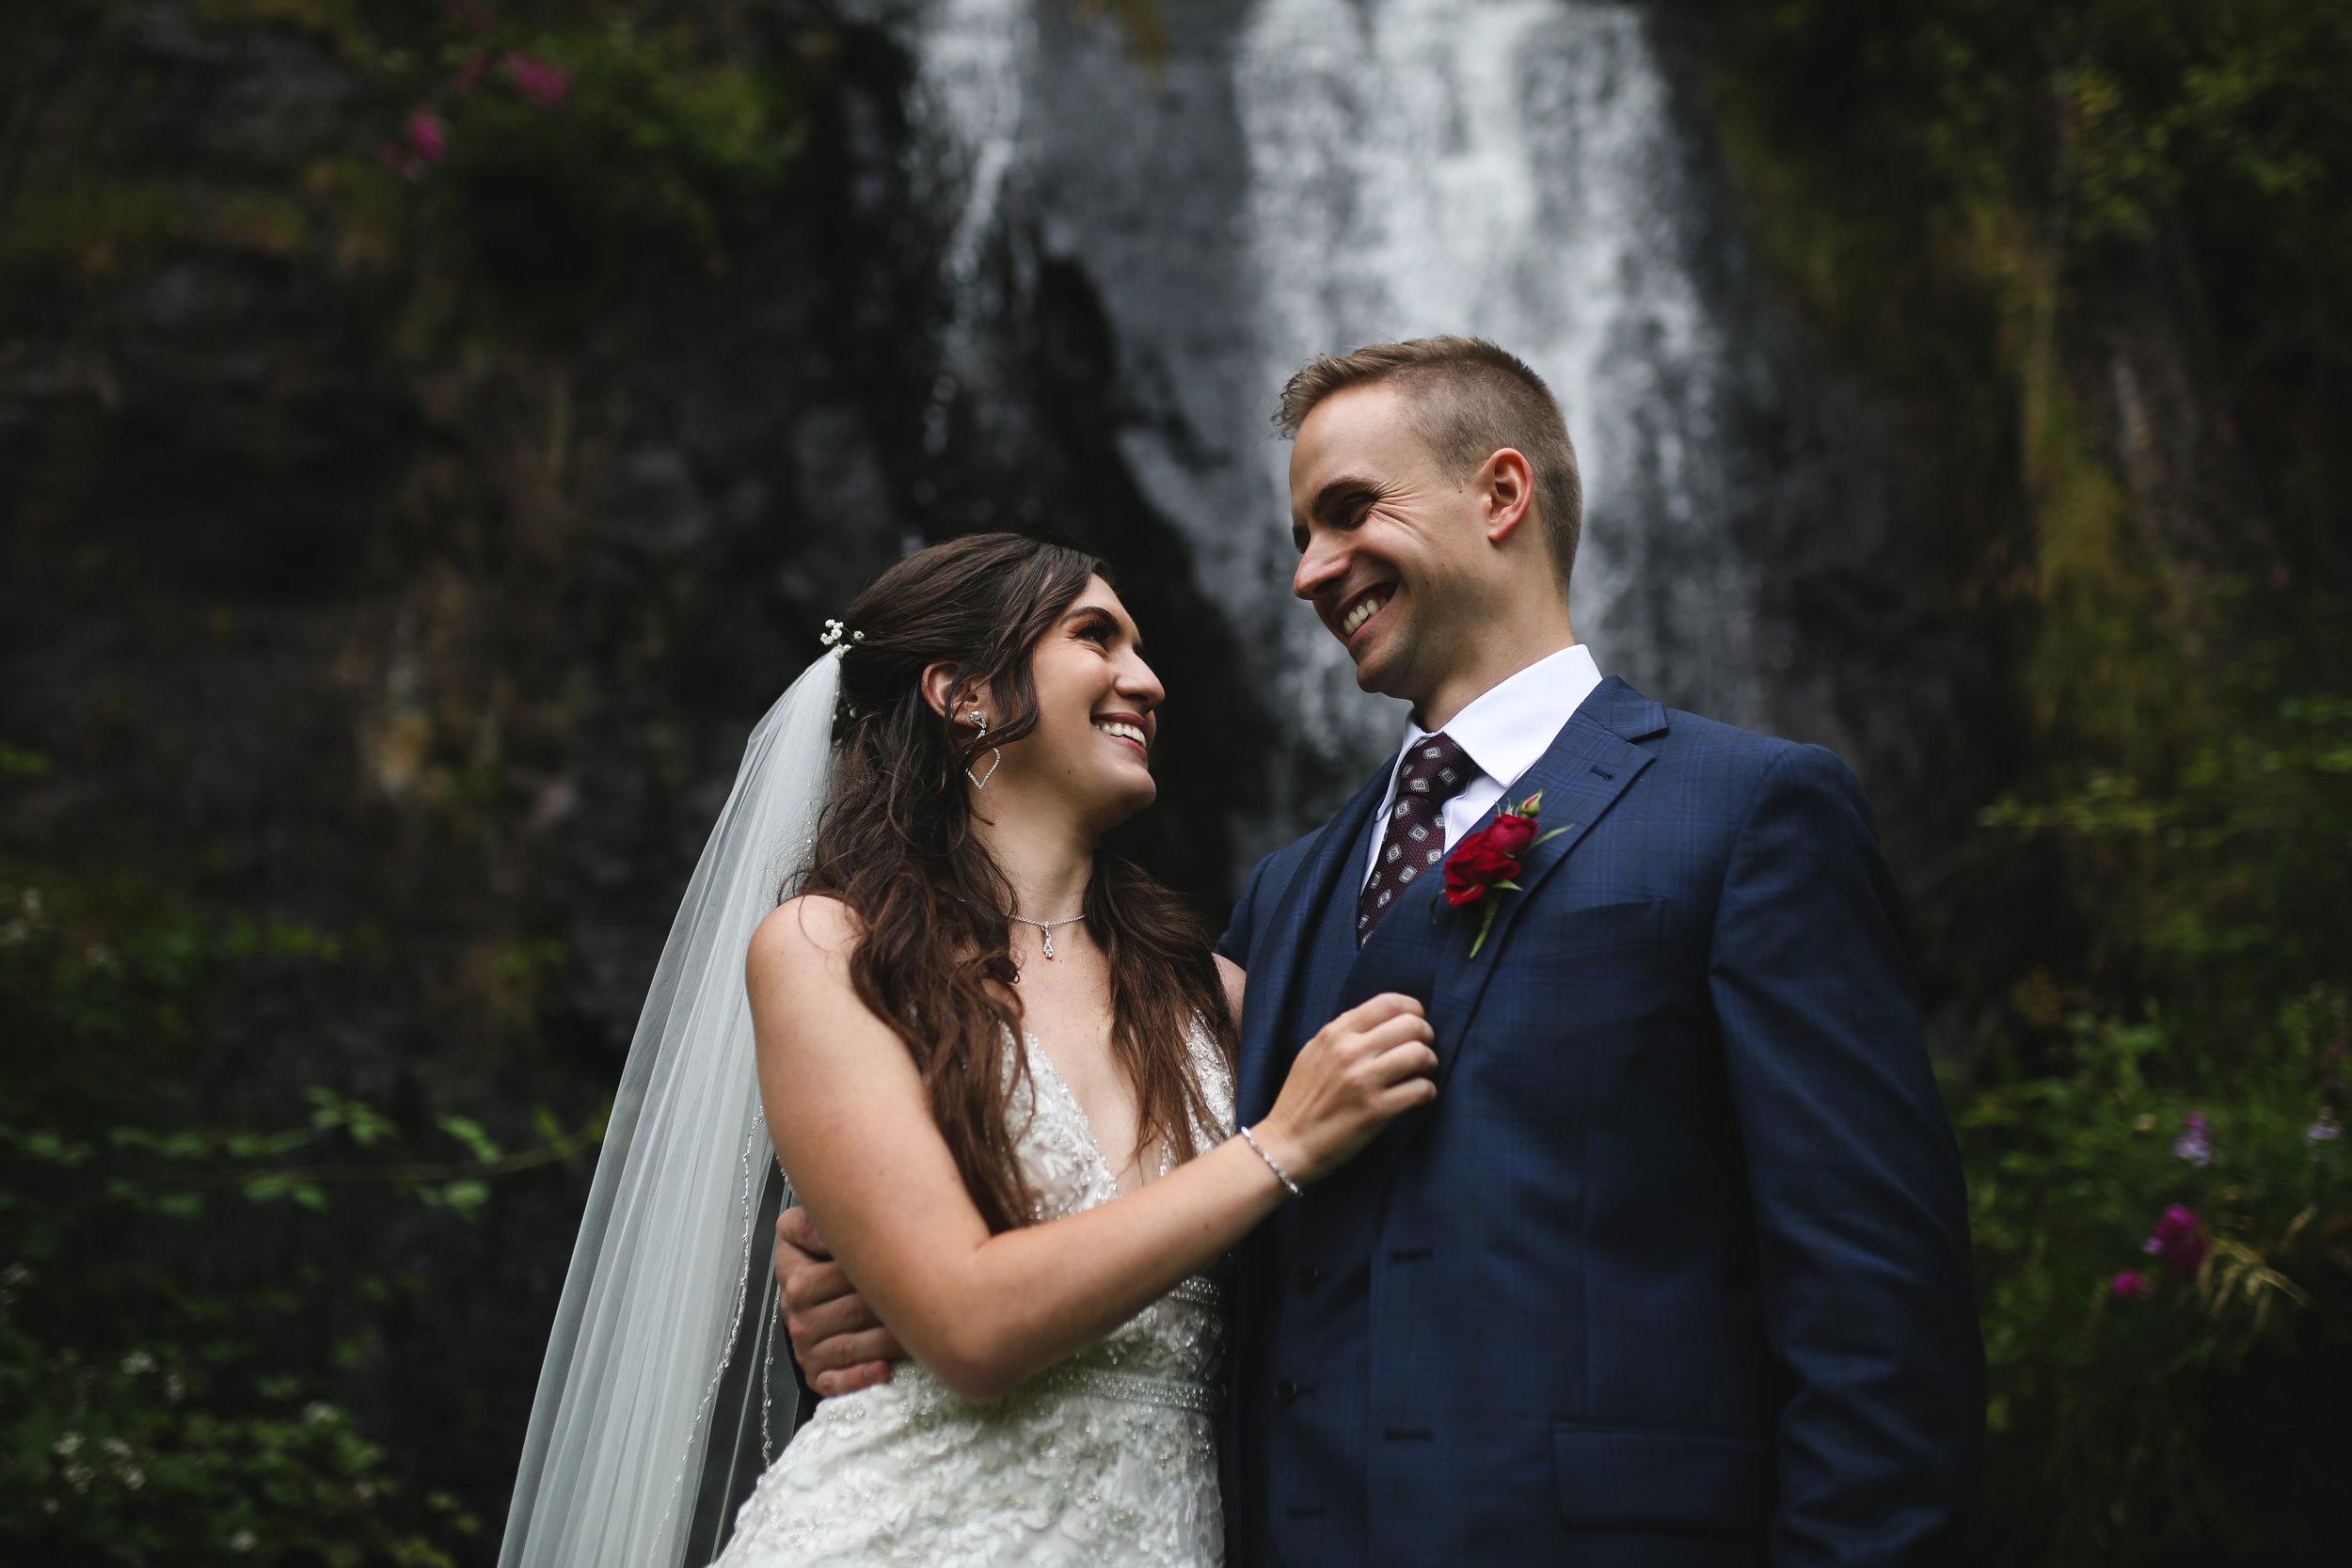 44 Adam Ziorio Photography - Allison & Austin's Wedding.jpg